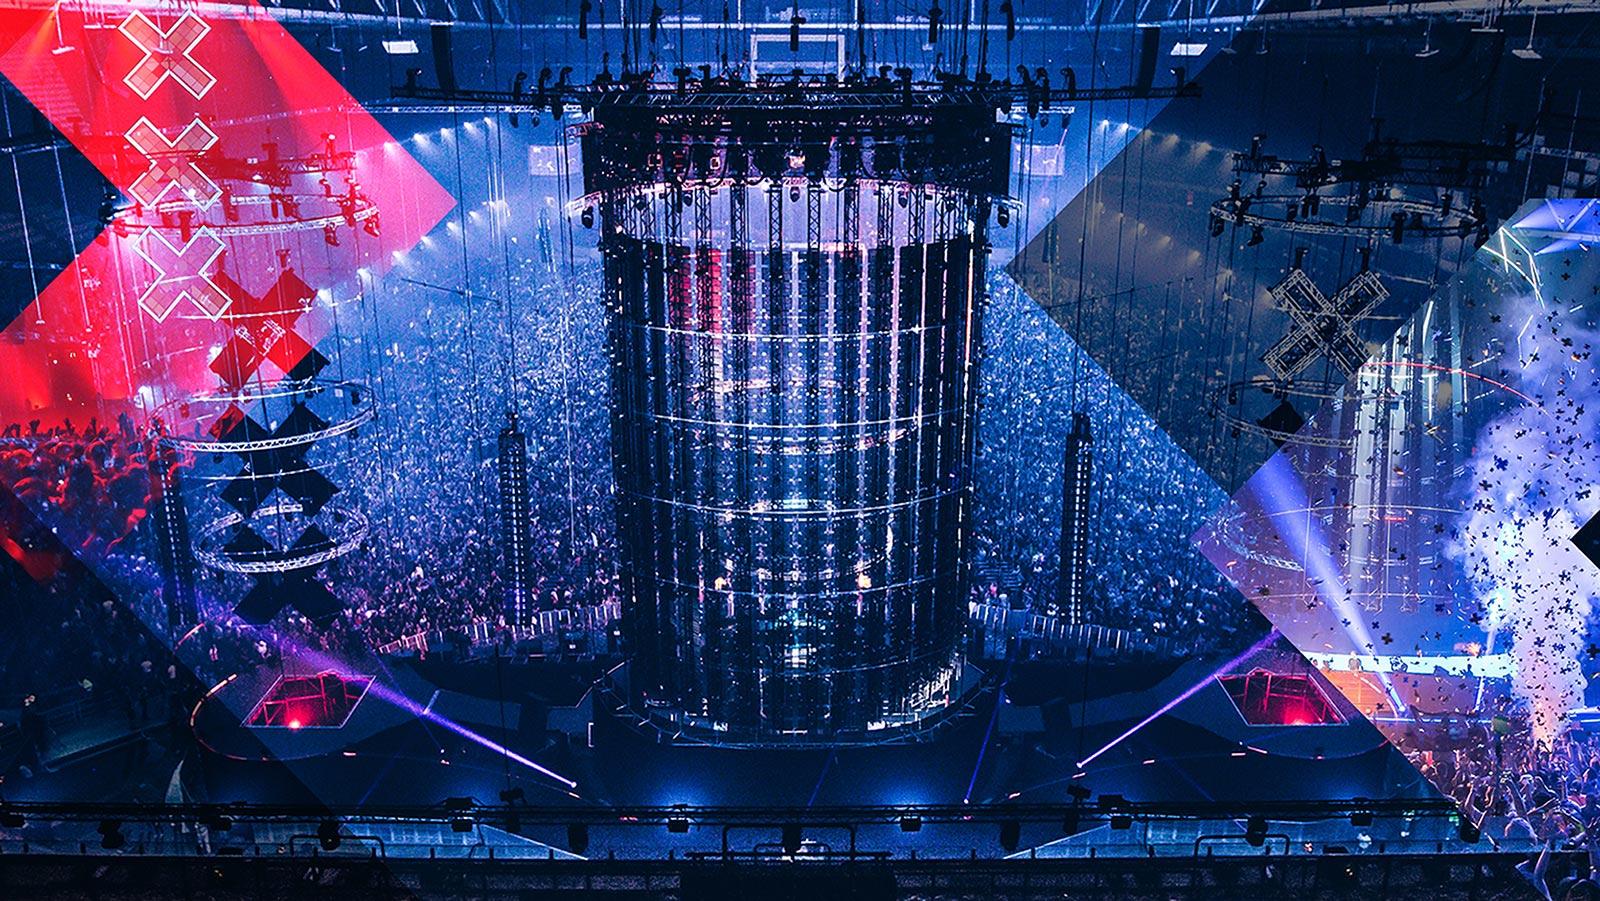 События и фестивали в Европе 2017  2018